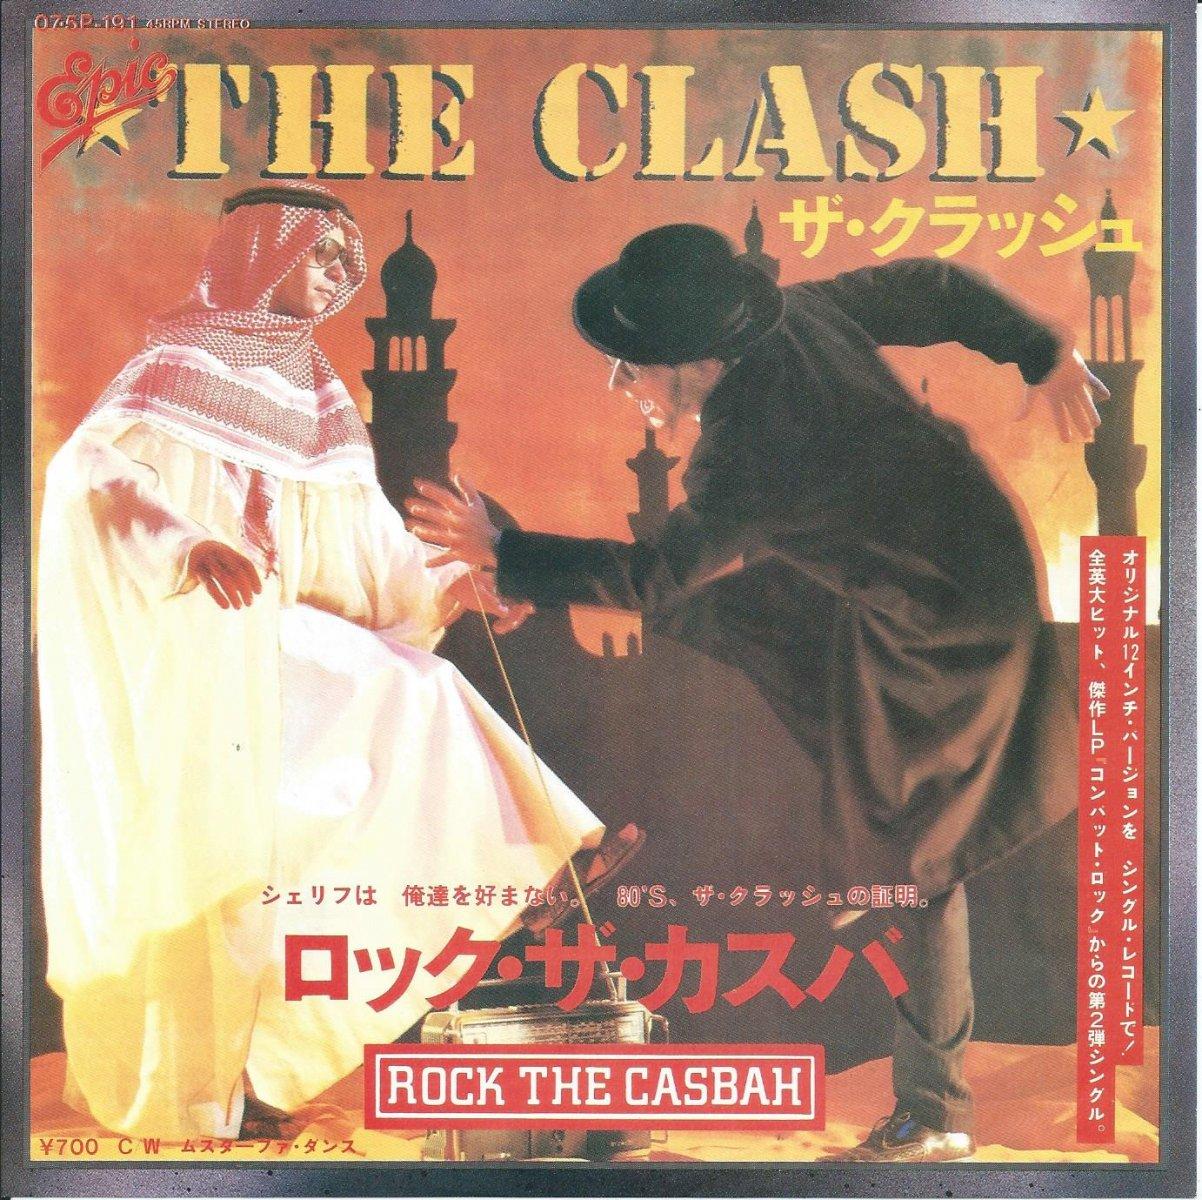 ザ・クラッシュ THE CLASH / ロック・ザ・カスバ ROCK THE CASBAH / ムスターファ・ダンス MUSTAPHA DANCE (7